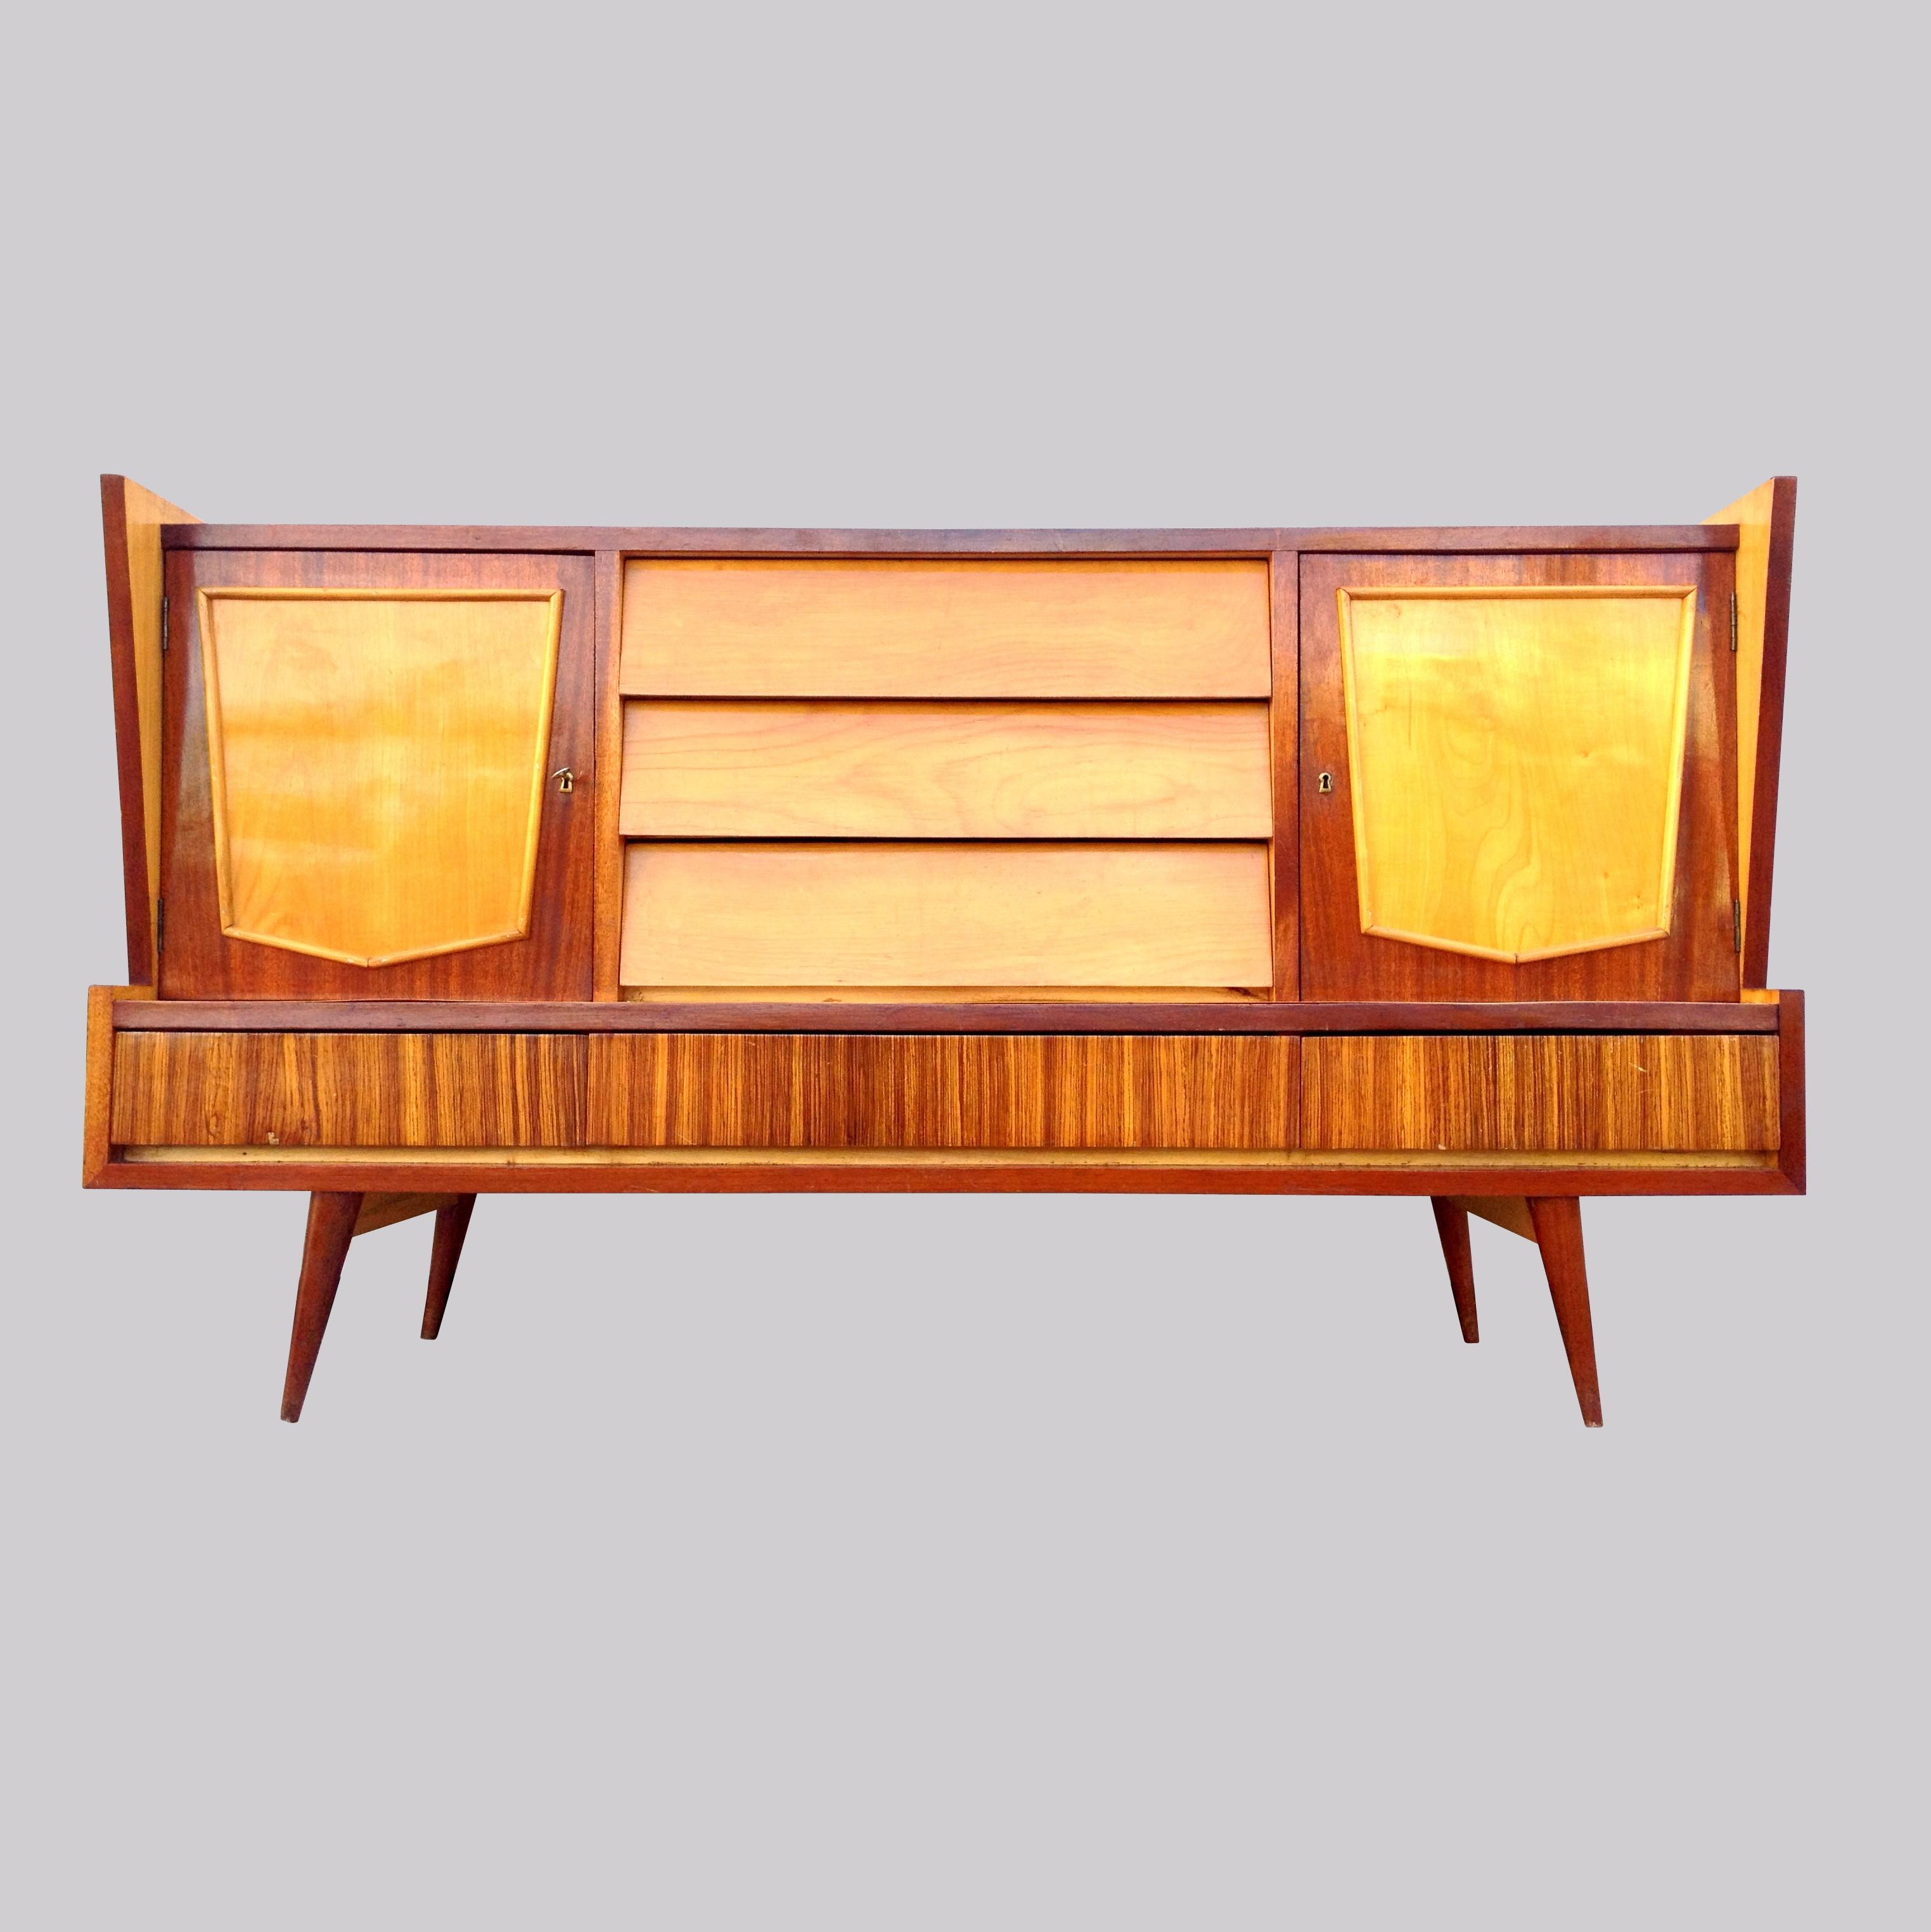 Muebles daneses madrid el estilo vintage es tendencia - Muebles anos 50 madrid ...